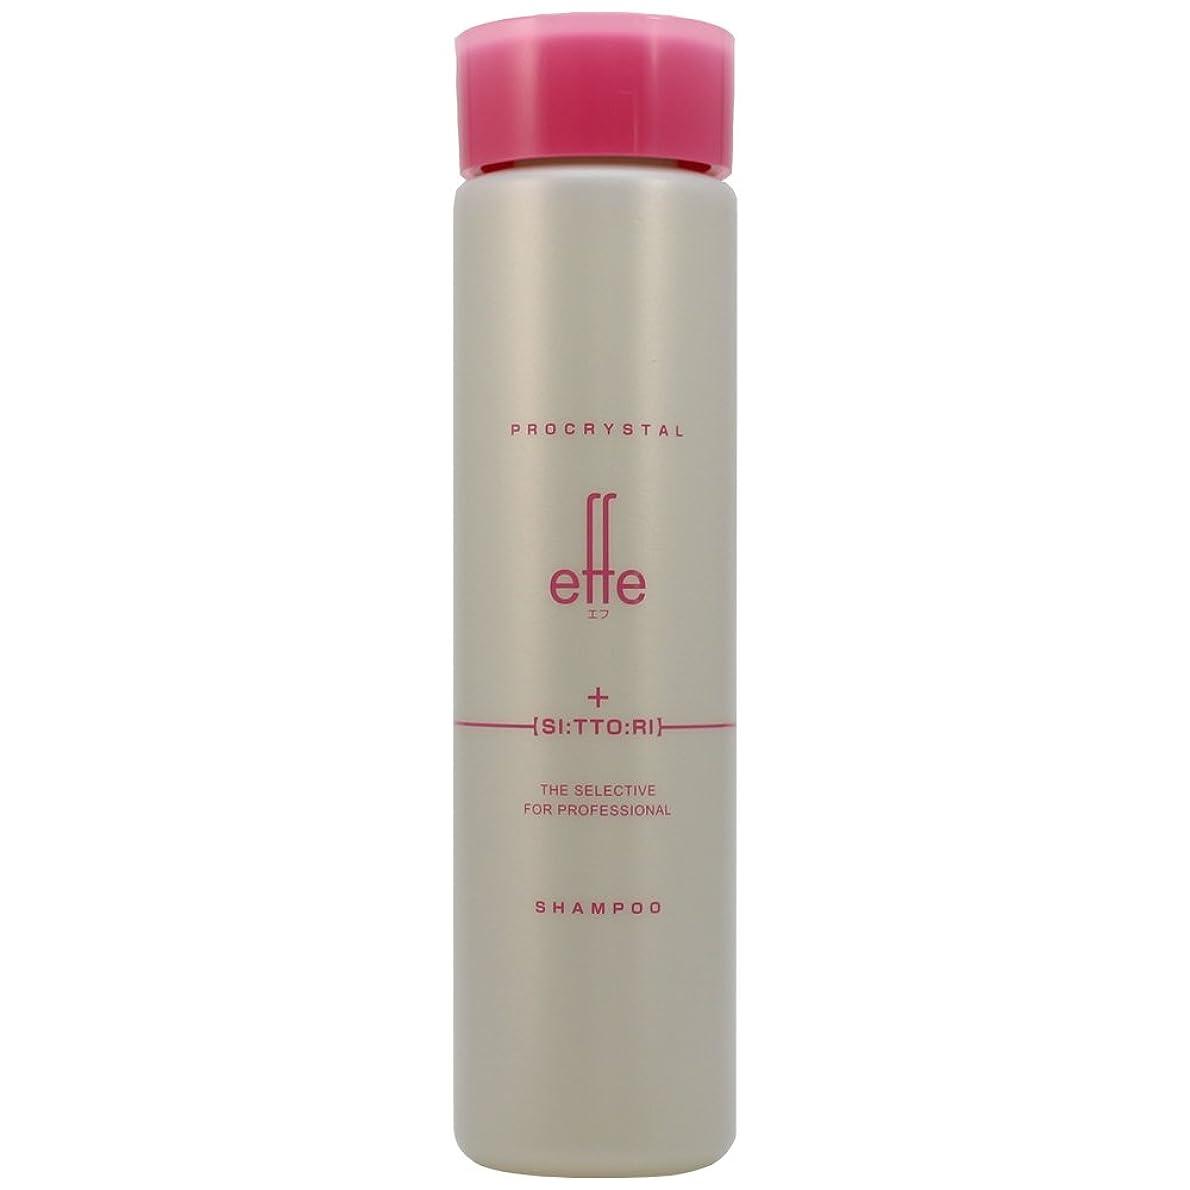 選ぶ意見ビルマアペティート化粧品 プロクリスタル effe (エフ) シャンプー しっとり250ml